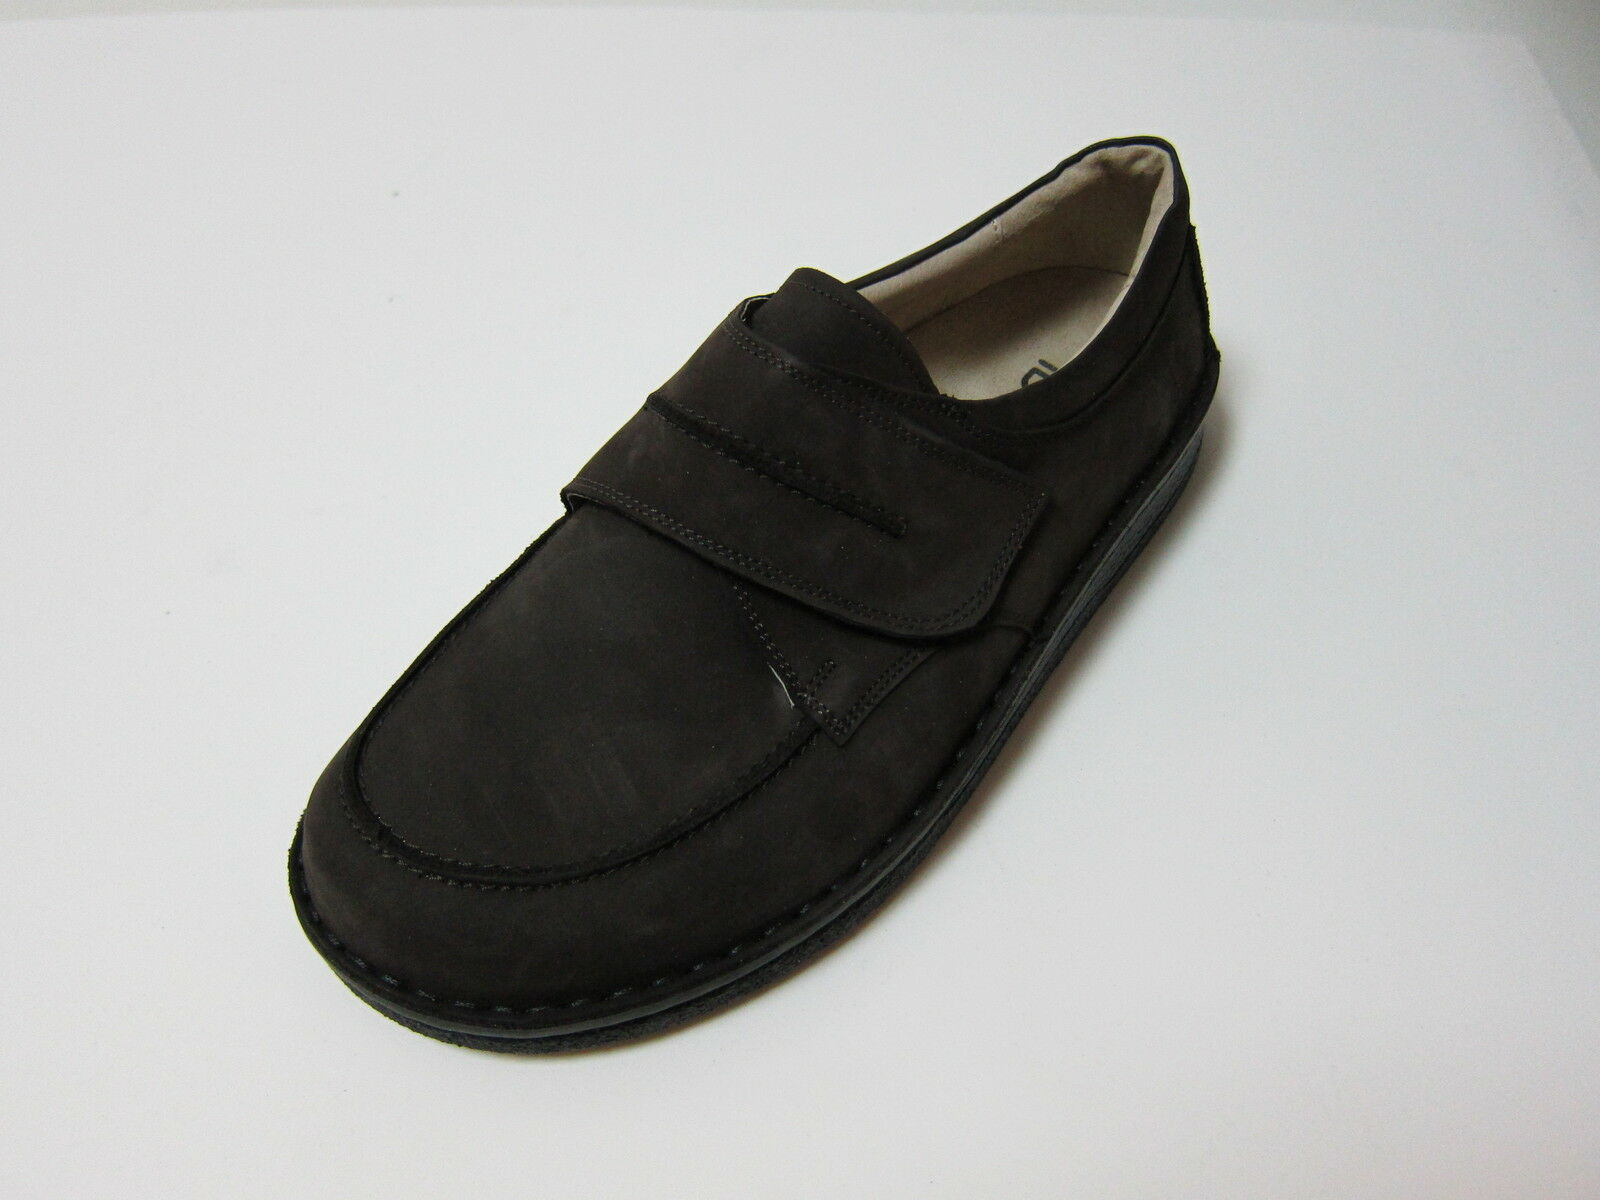 Berkemann señores zapato Martin Martin Martin lose depósitos talla 41 (7,5  1388  b2473b